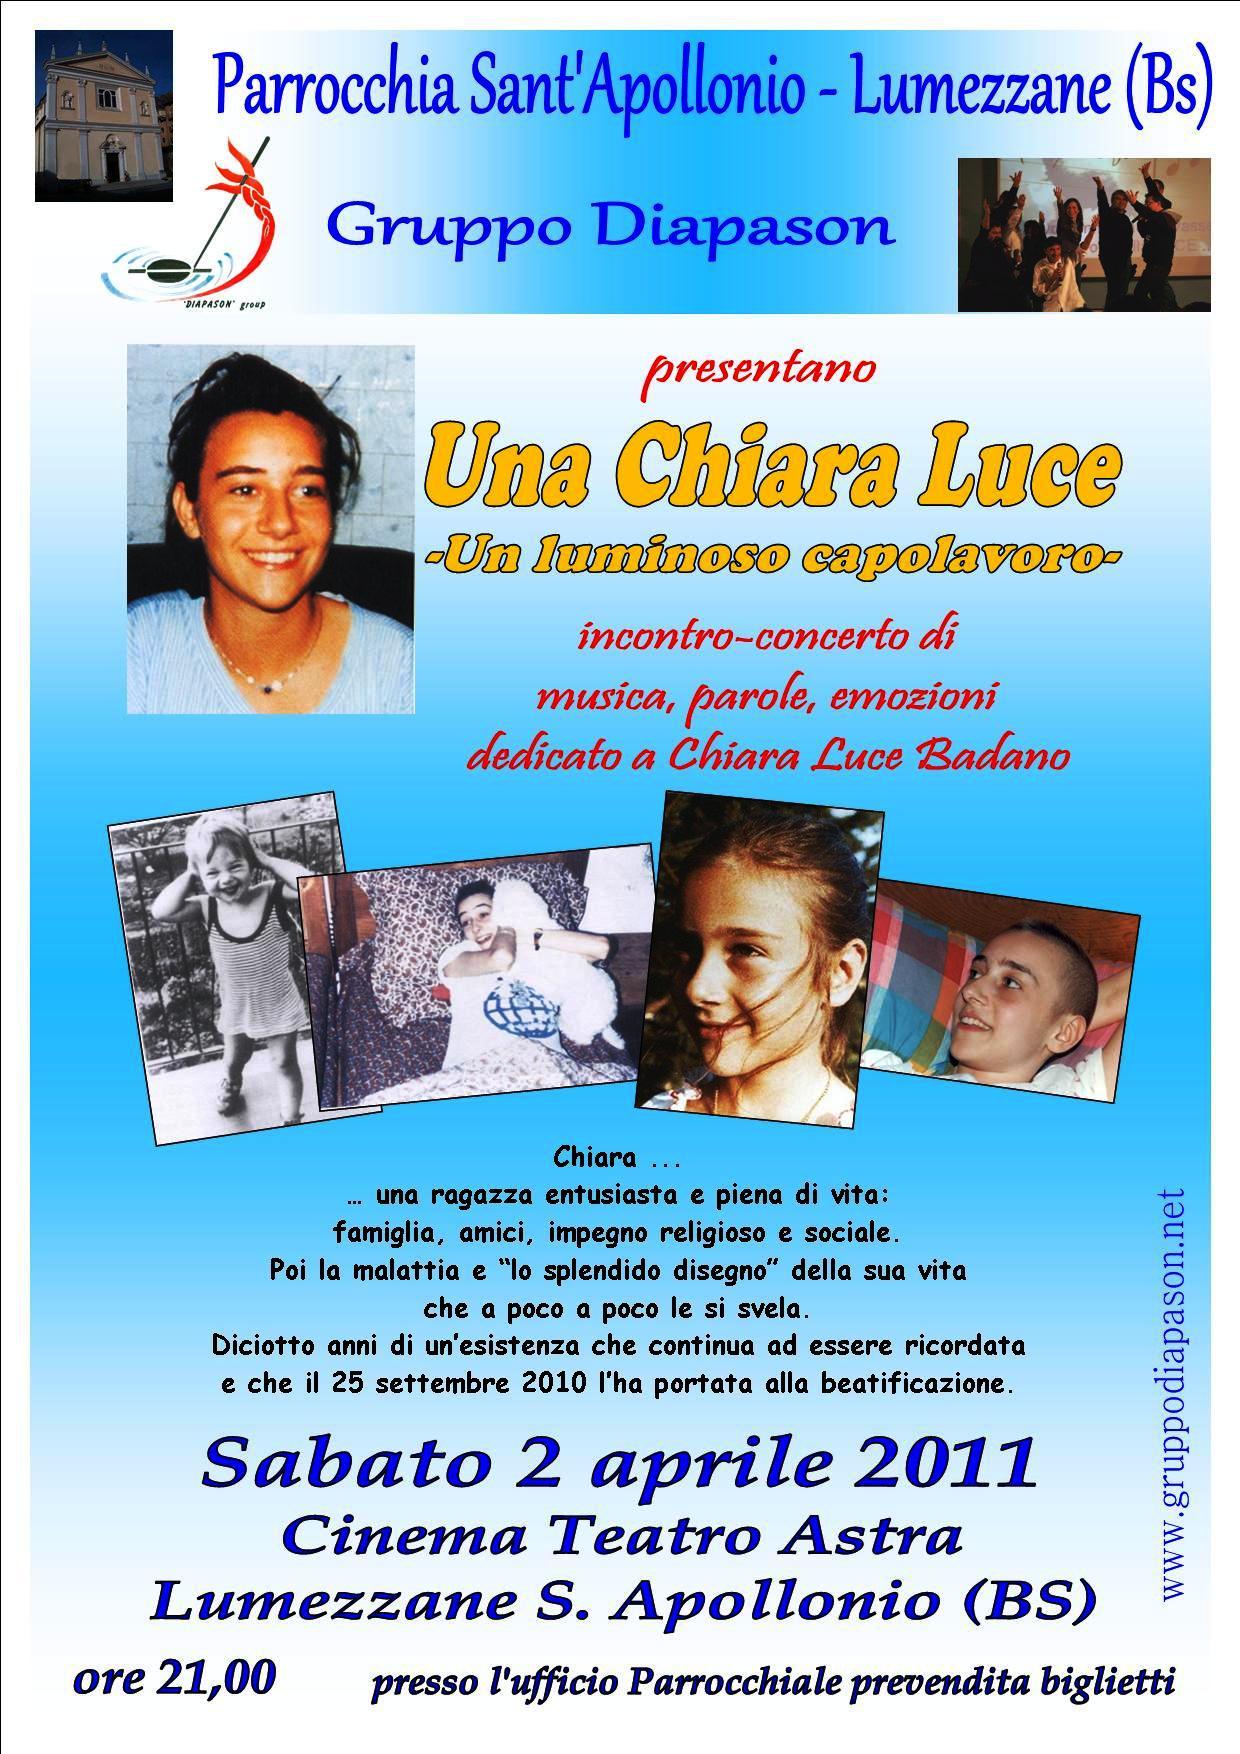 Una Chiara Luce - Lumezzane